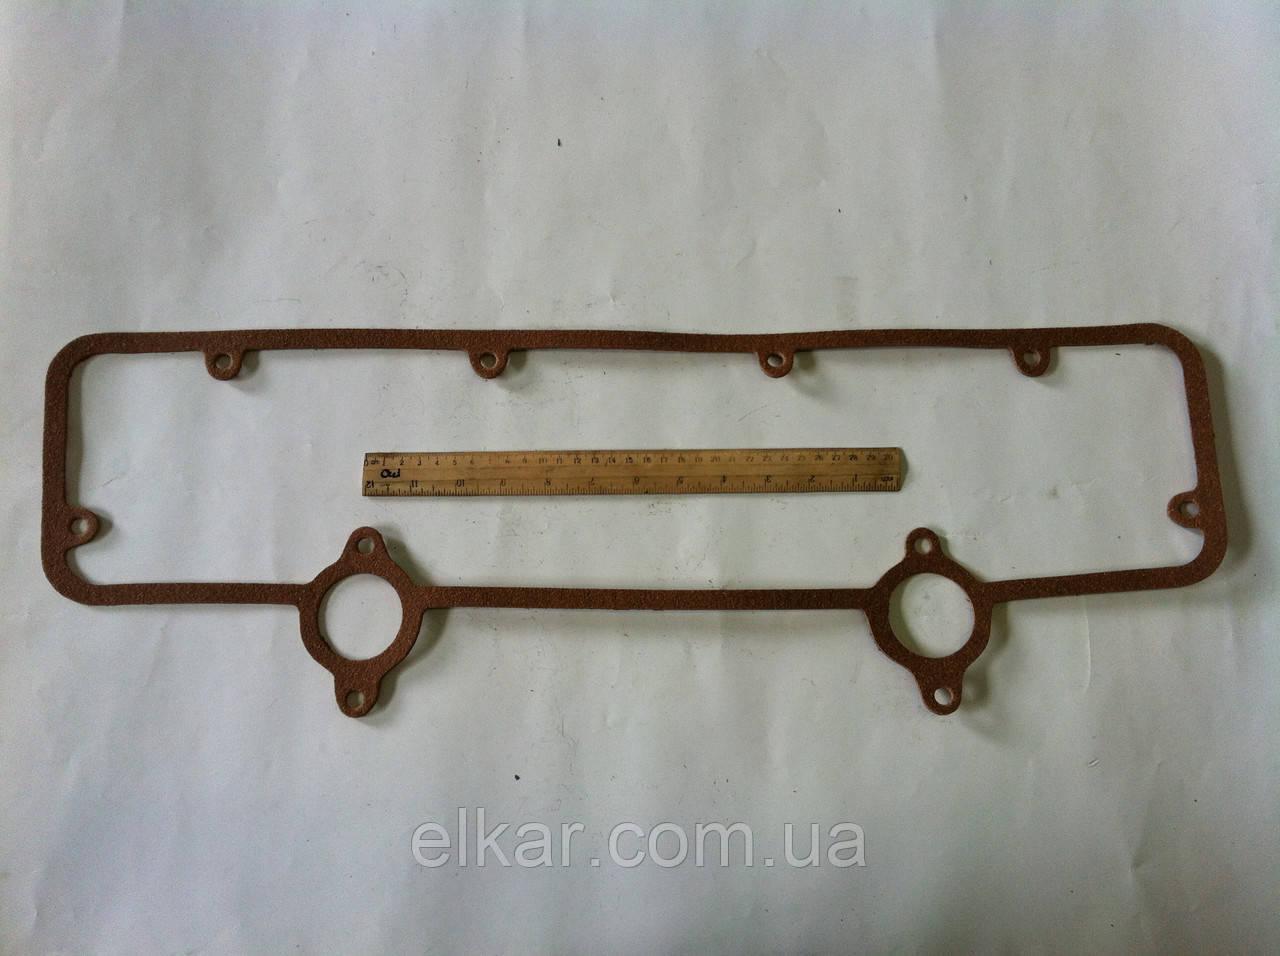 Прокладка кришки клапанів середня   СМД9-0627 (Україна)